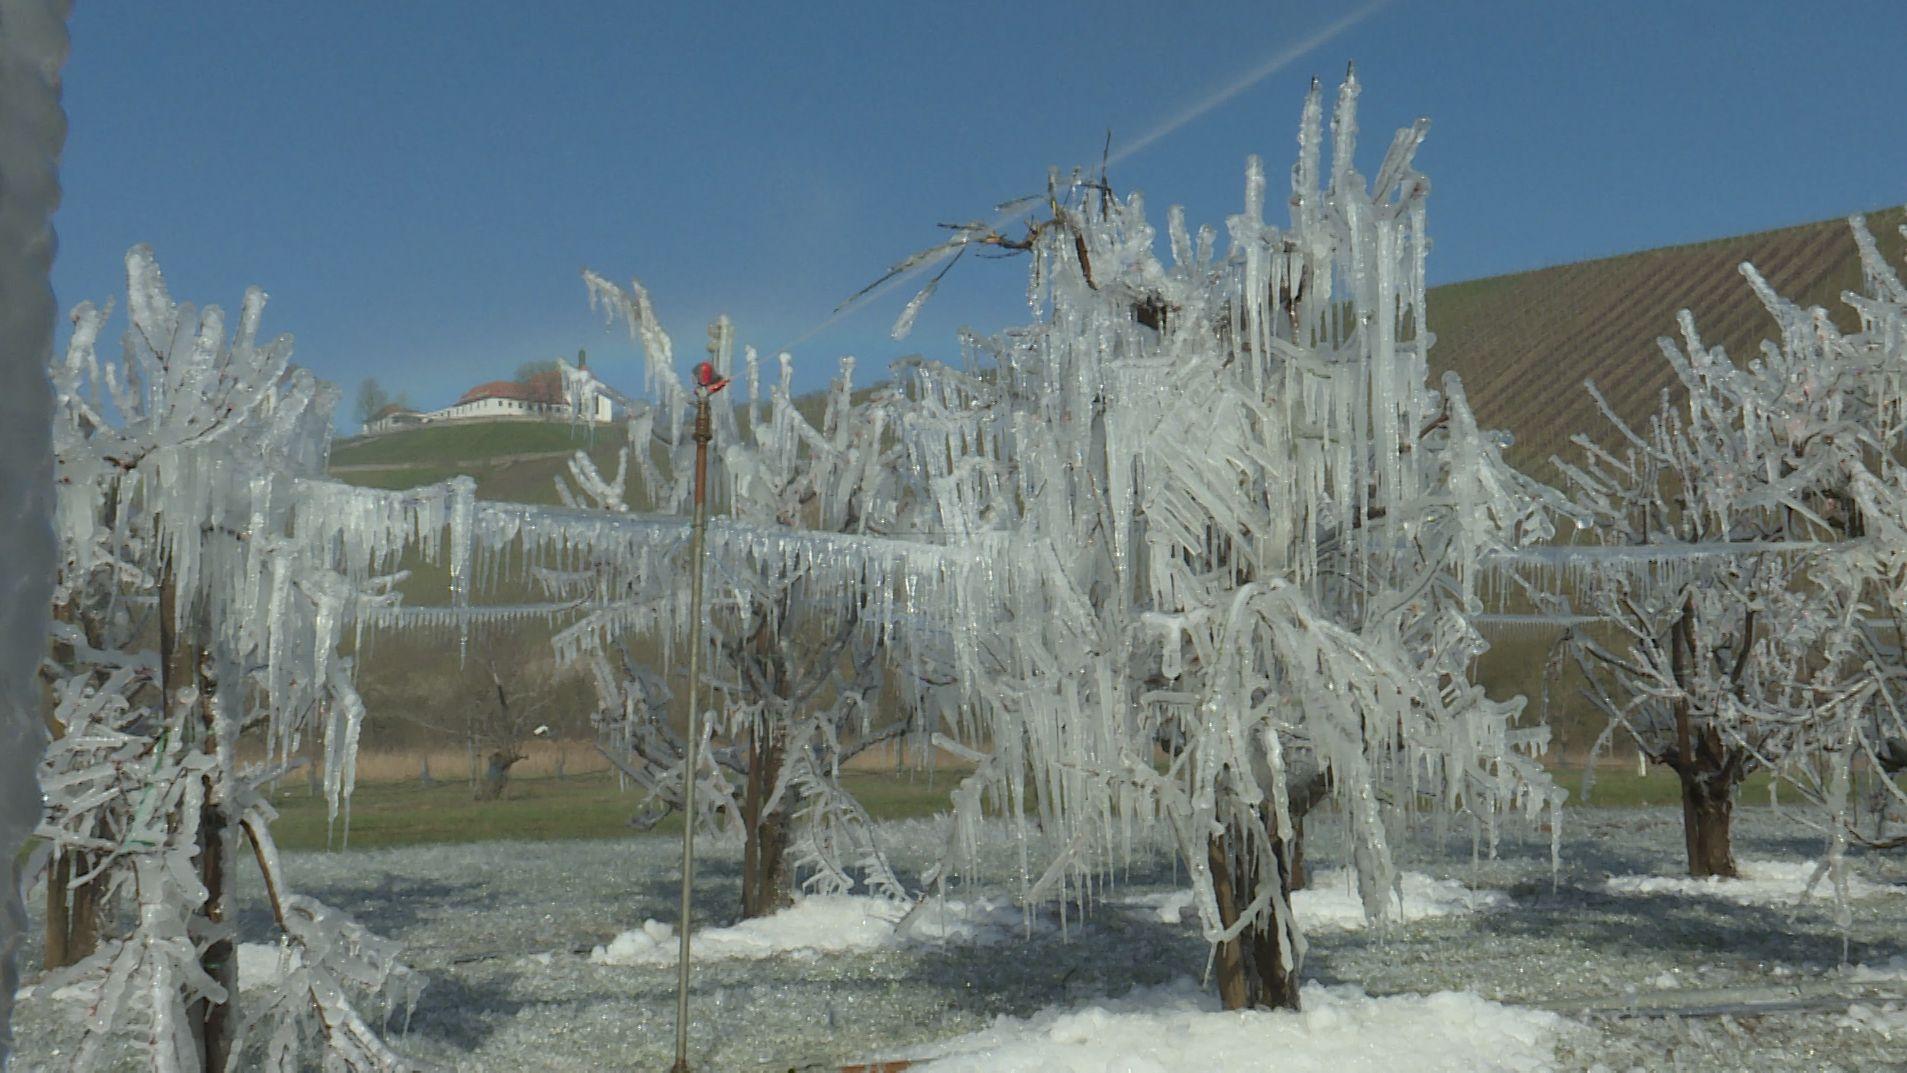 Mit Eis überzogene Obstbäume in Escherndorf im Landkreis Kitzingen